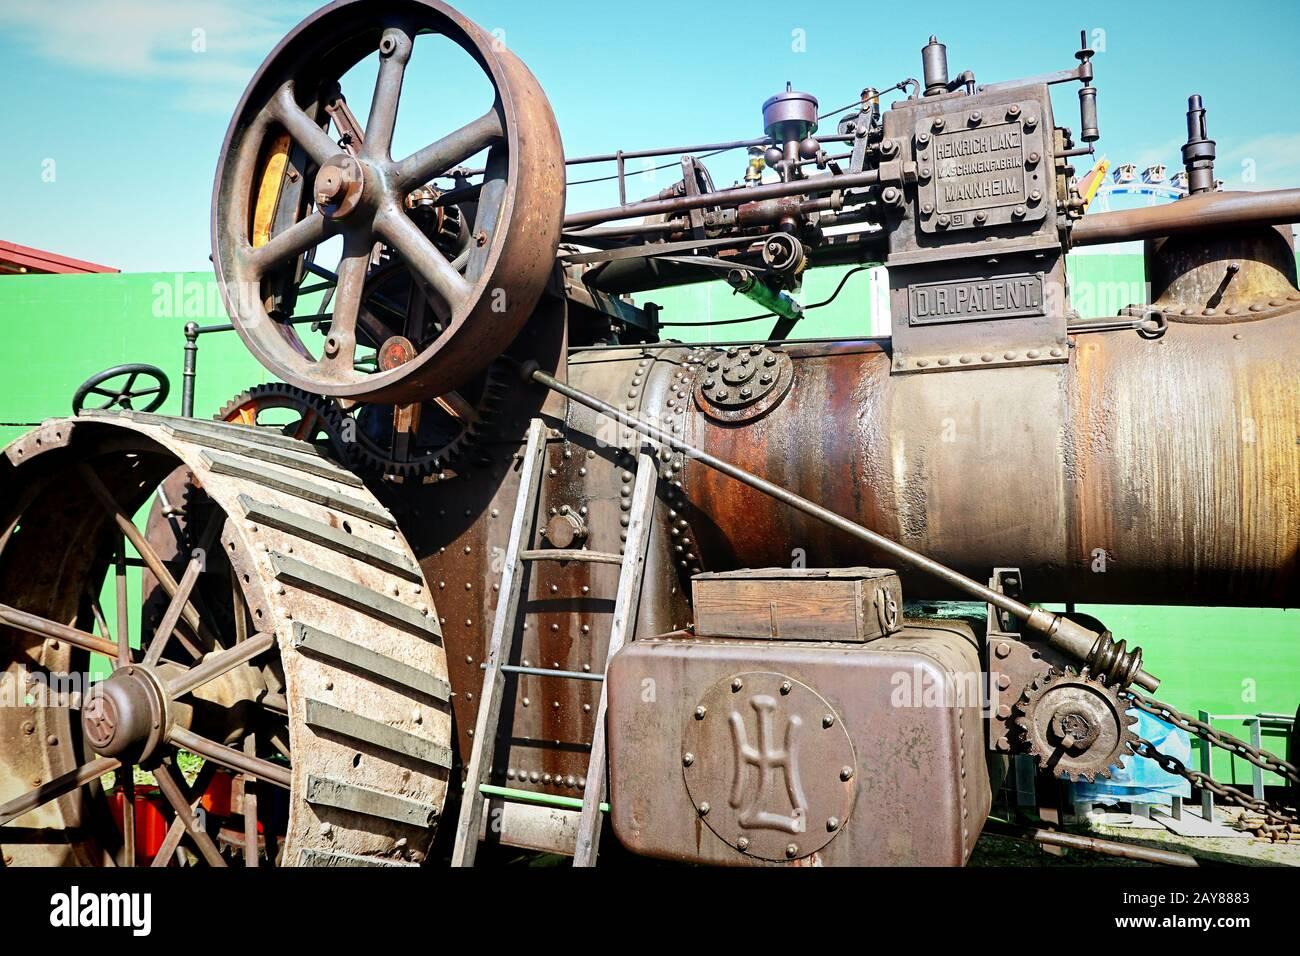 Munich, ALLEMAGNE Lanz tracteur agricole d'époque exposé à l'Oide Wiesn partie historique de l'Oktoberfest à Munich, un environnement familial et convivial pour les enfants Banque D'Images